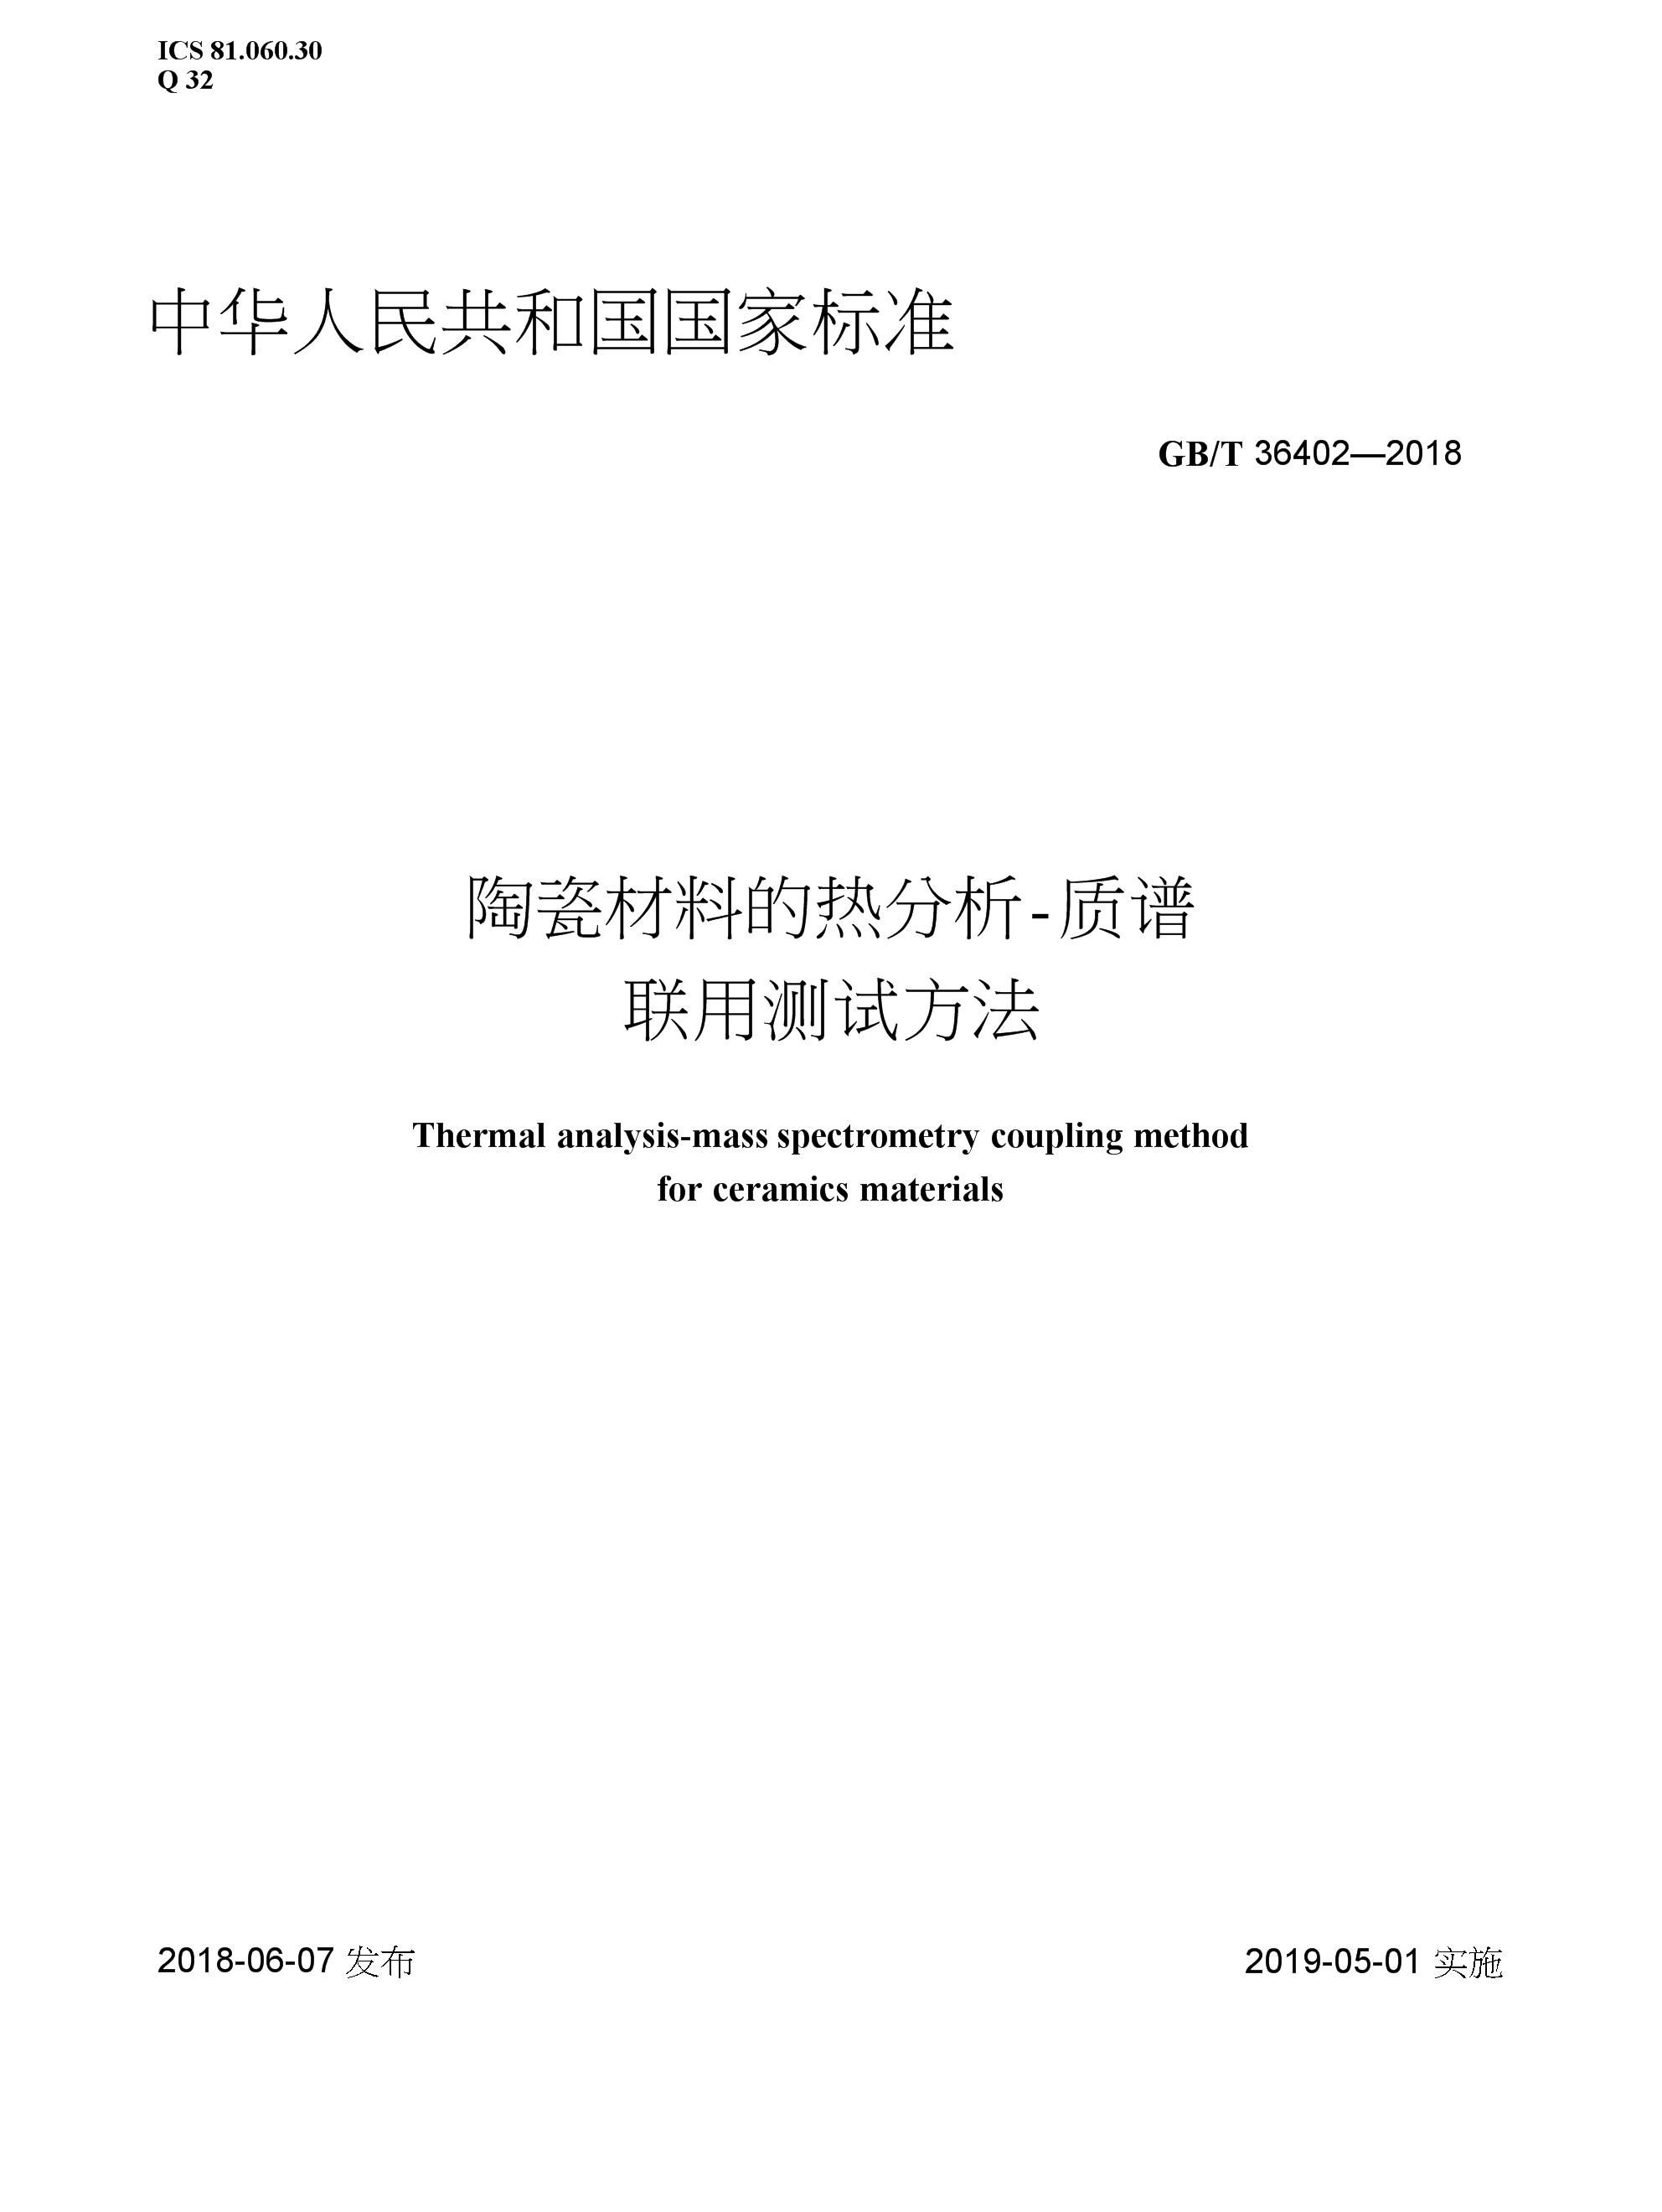 GB∕T_36402-2018_陶瓷材料的热分析-质谱联用测试方法.docx